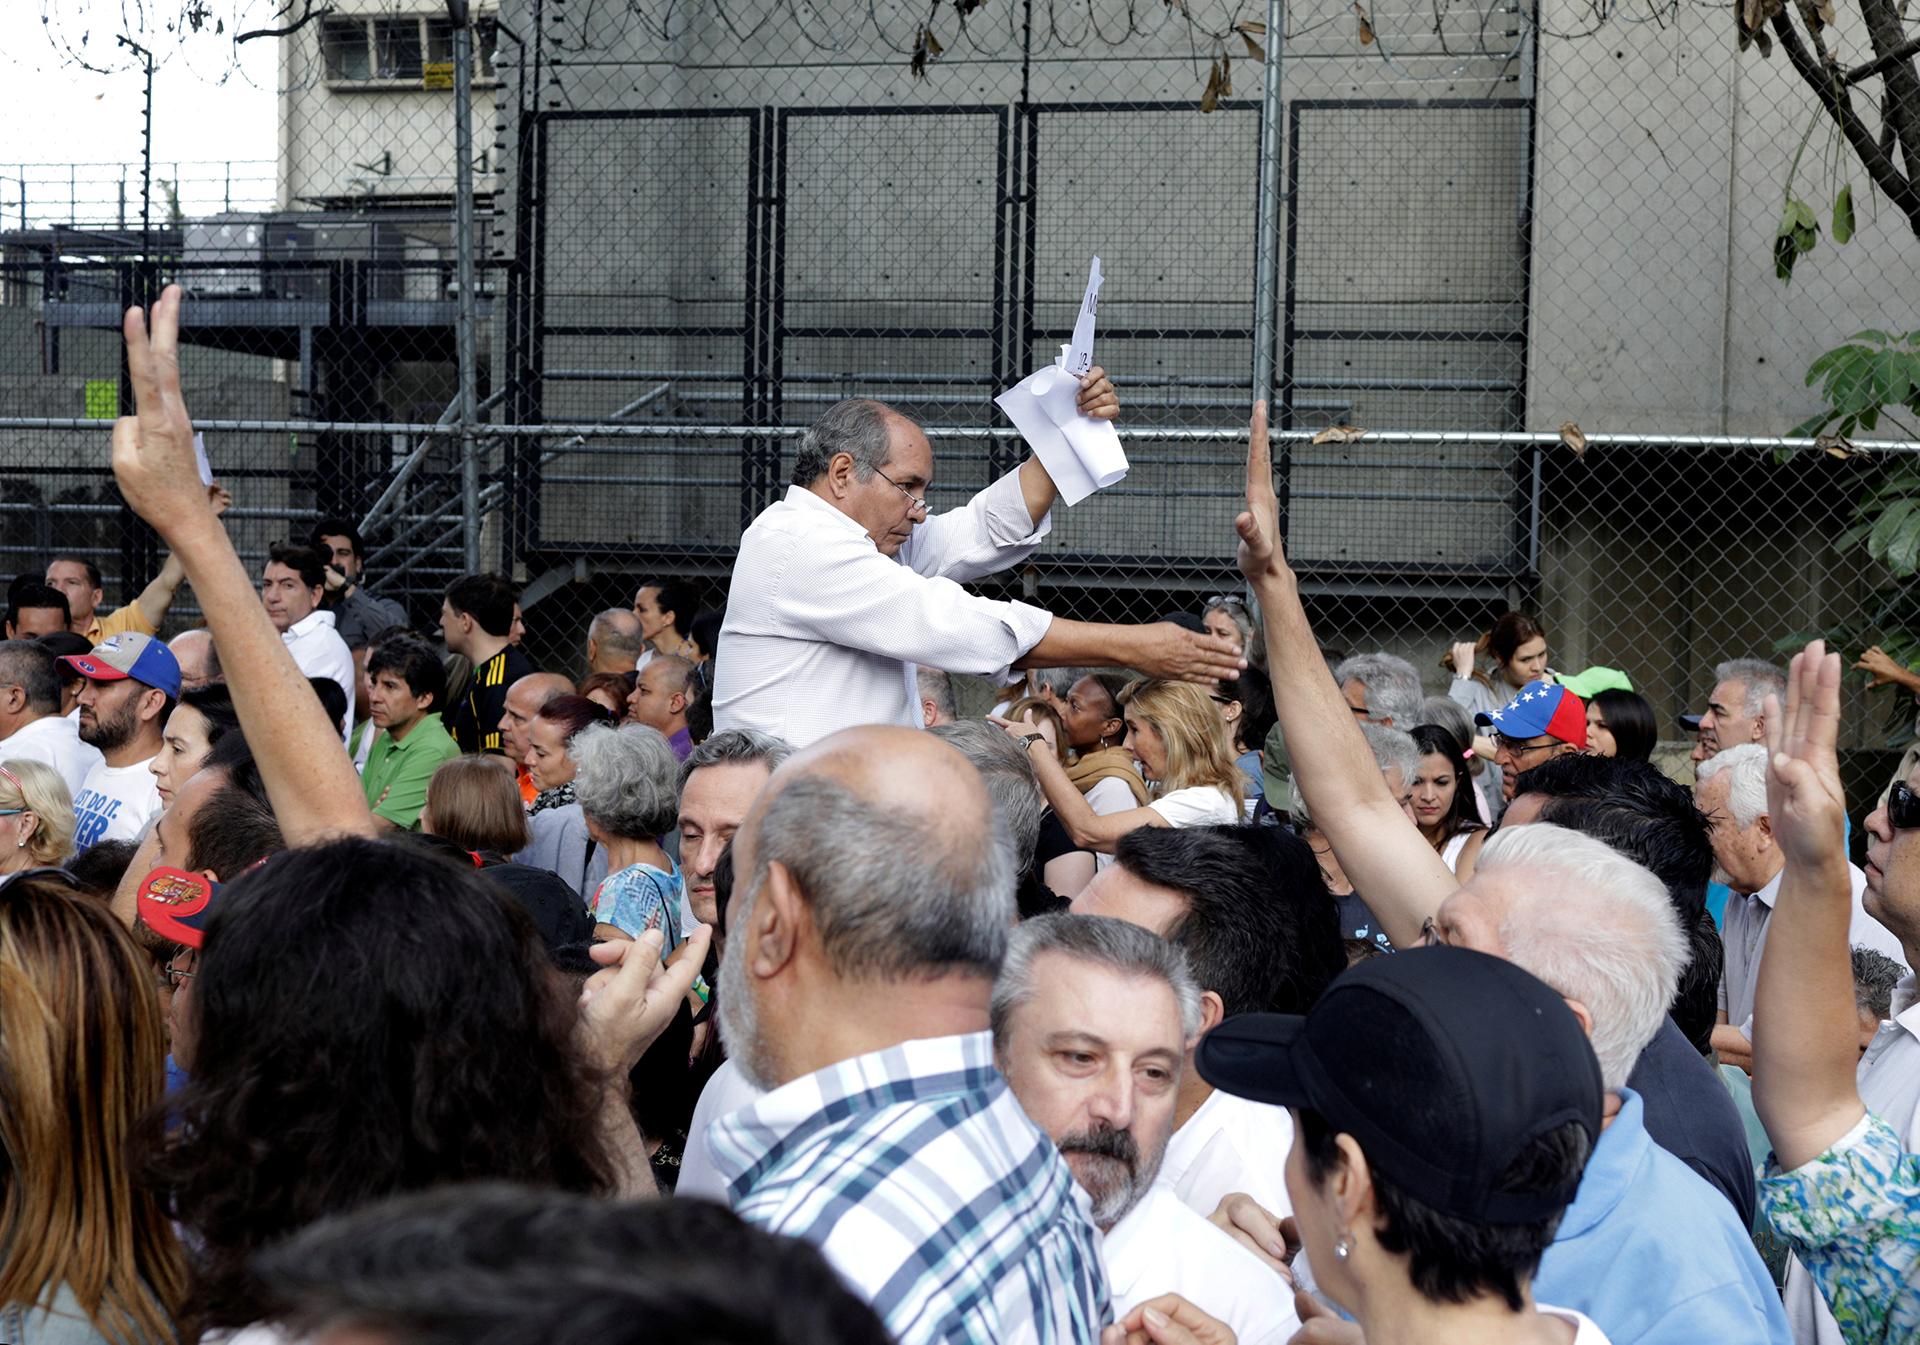 Los comicios se celebran con un año de retraso y luego de dos meses de tregua tras las marchas que dejaron unos 125 muertos entre abril y julio, convocadas por la opositora Mesa de la Unidad Democrática (MUD) para exigir la salida del presidente Nicolás Maduro